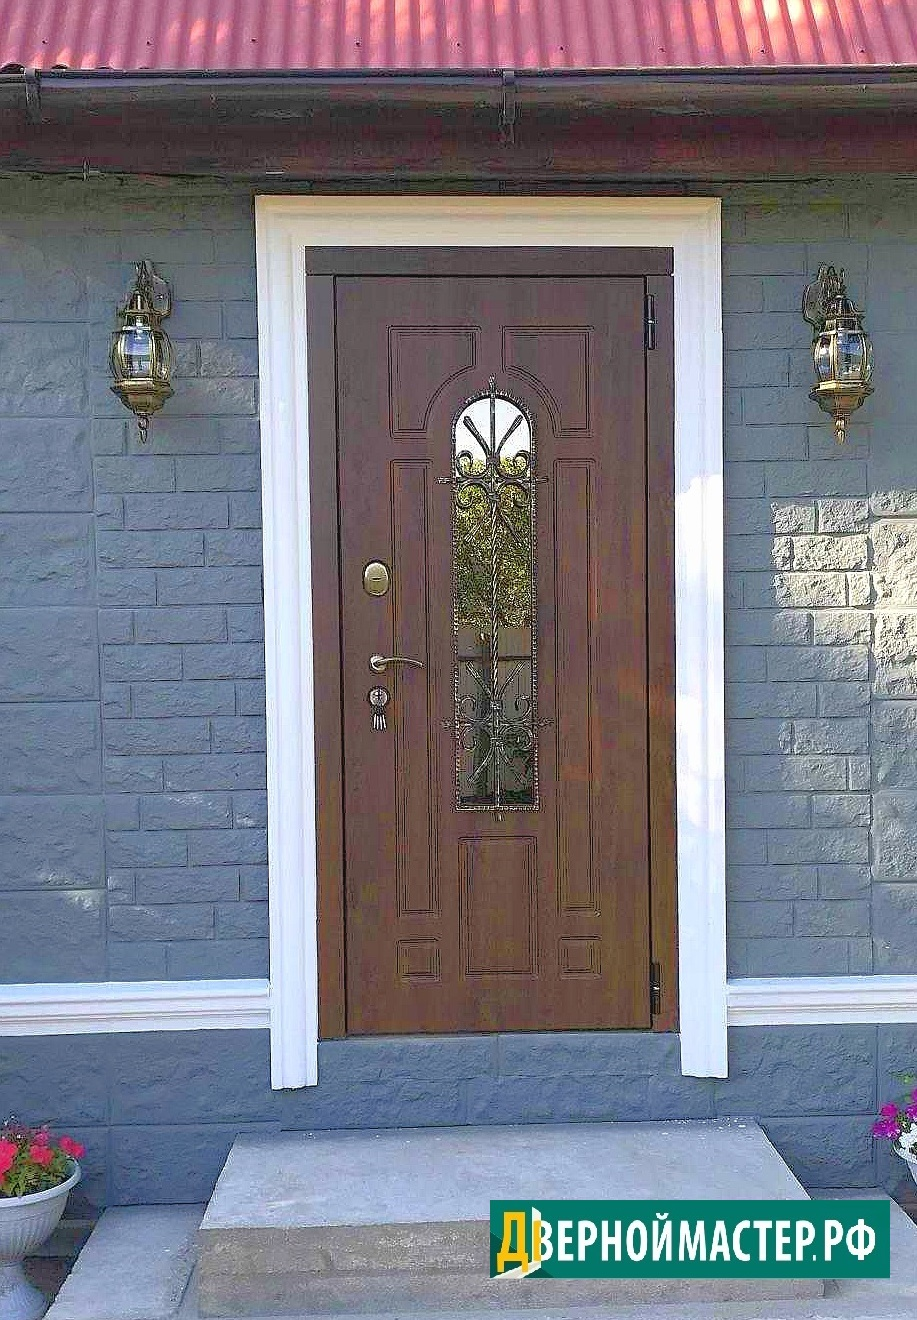 Теплая металлическая входная дверь в коттедж со стеклом, ковкой, элитного исполнения